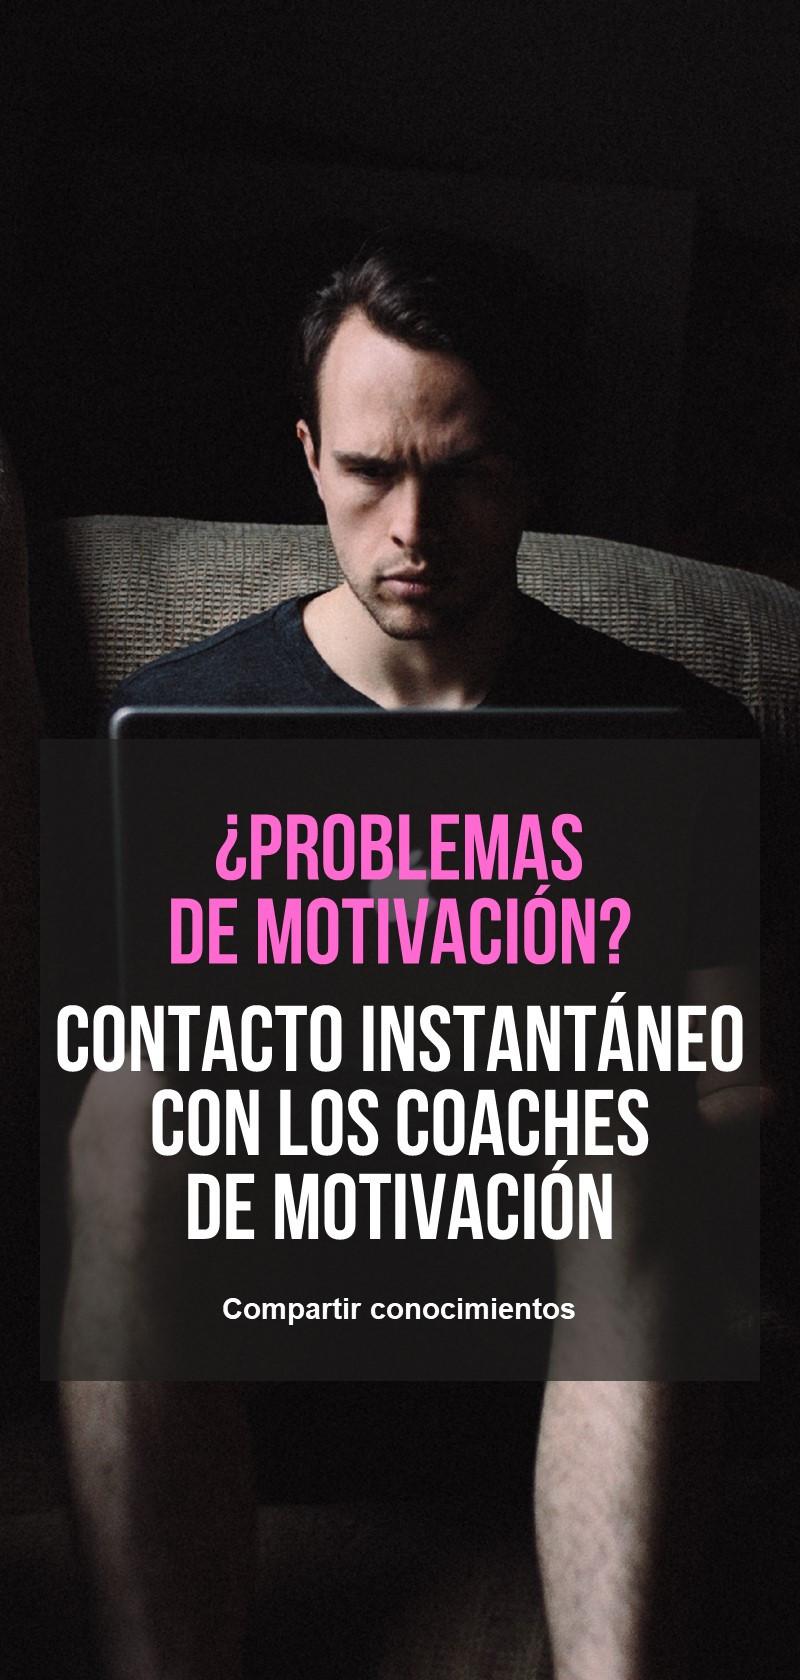 Habilidades y técnicas de auto-motivación